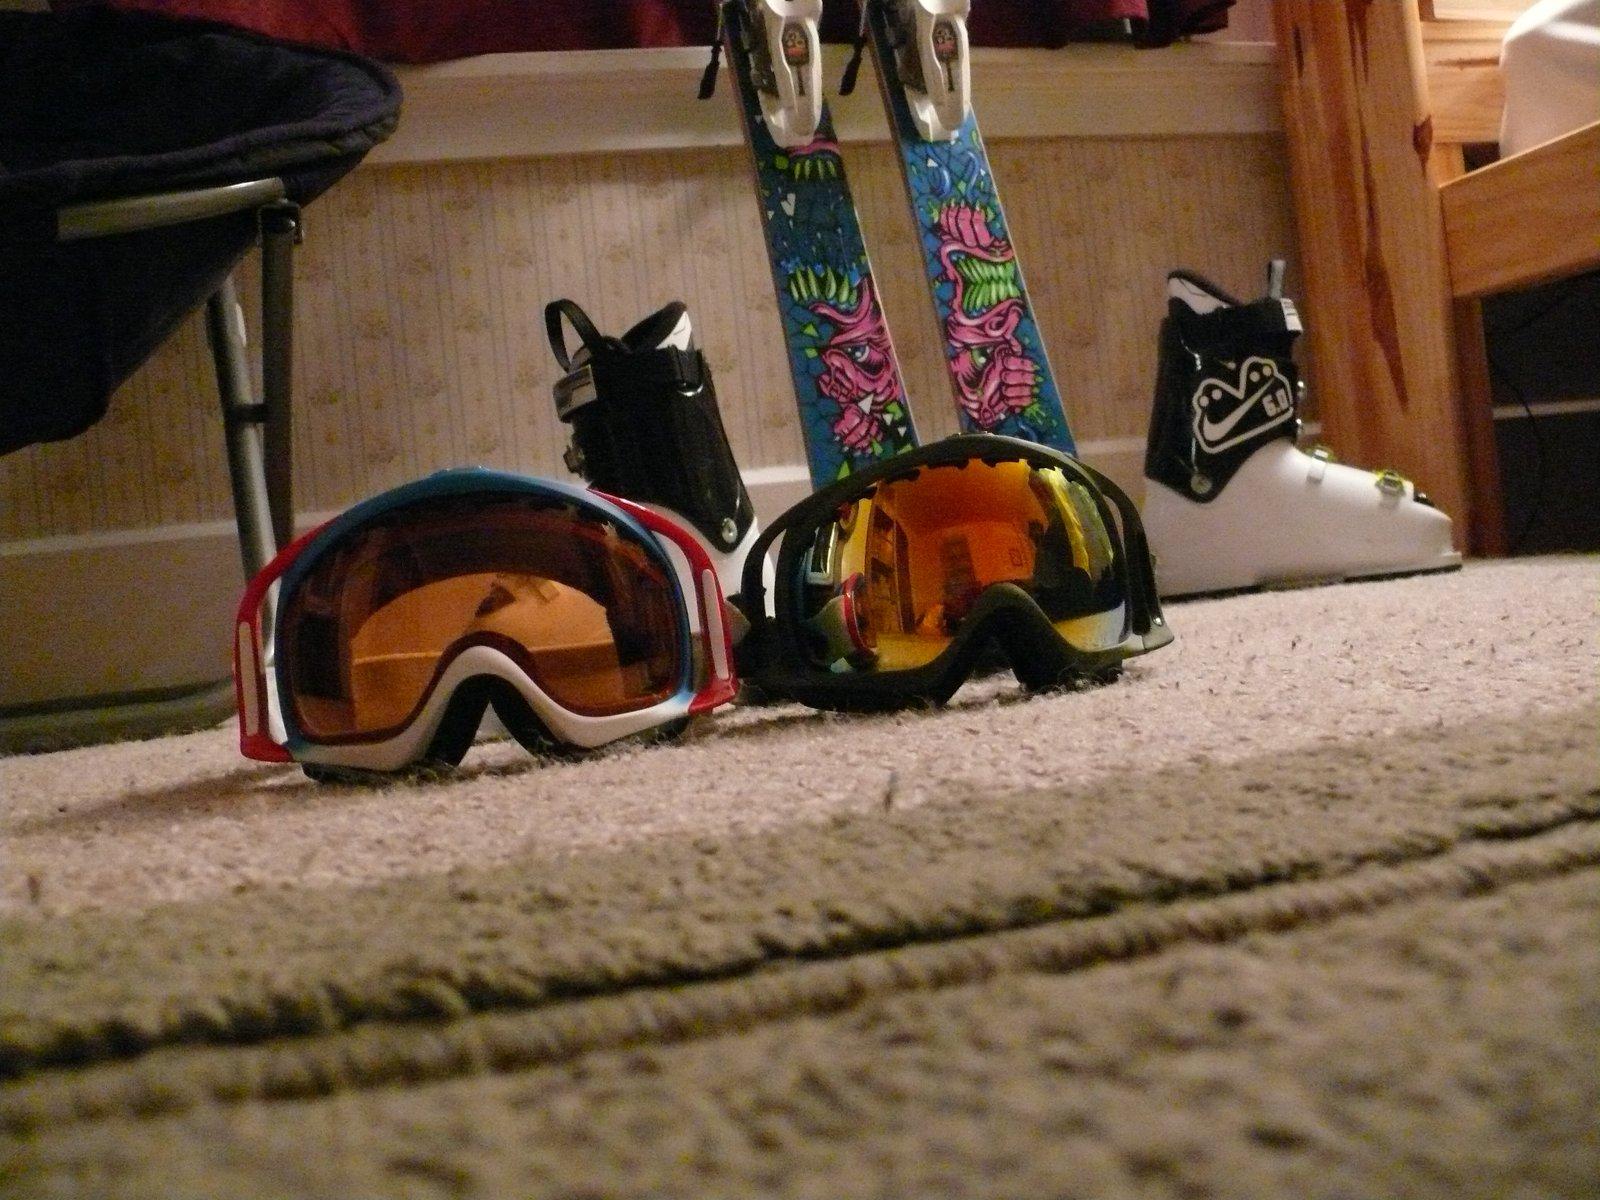 Ski stuff - 3 of 10